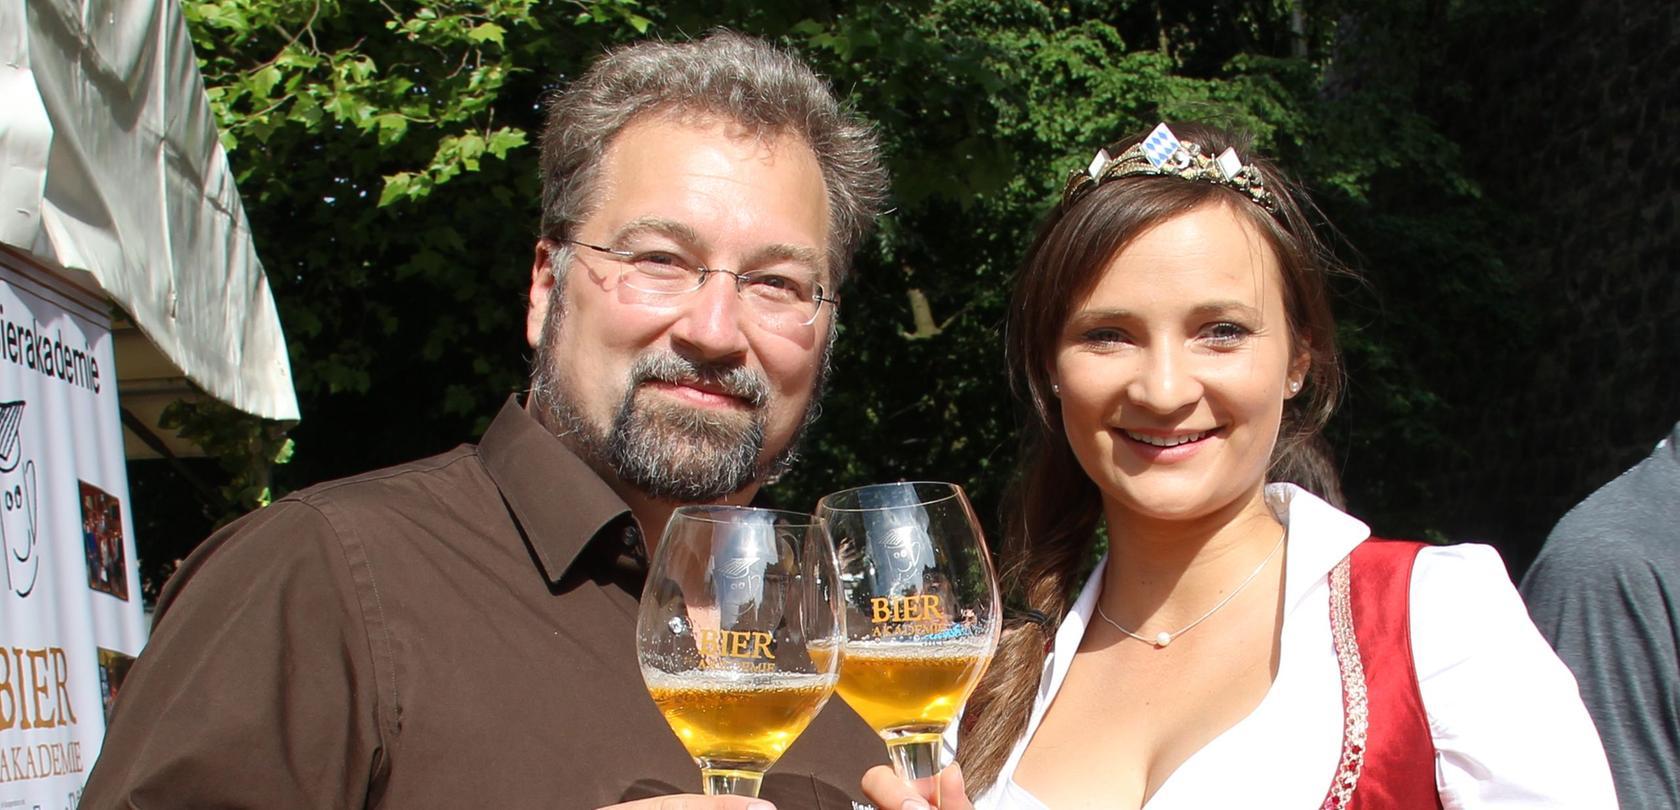 Hoher Besuch beim Bierfest am Donnerstag: